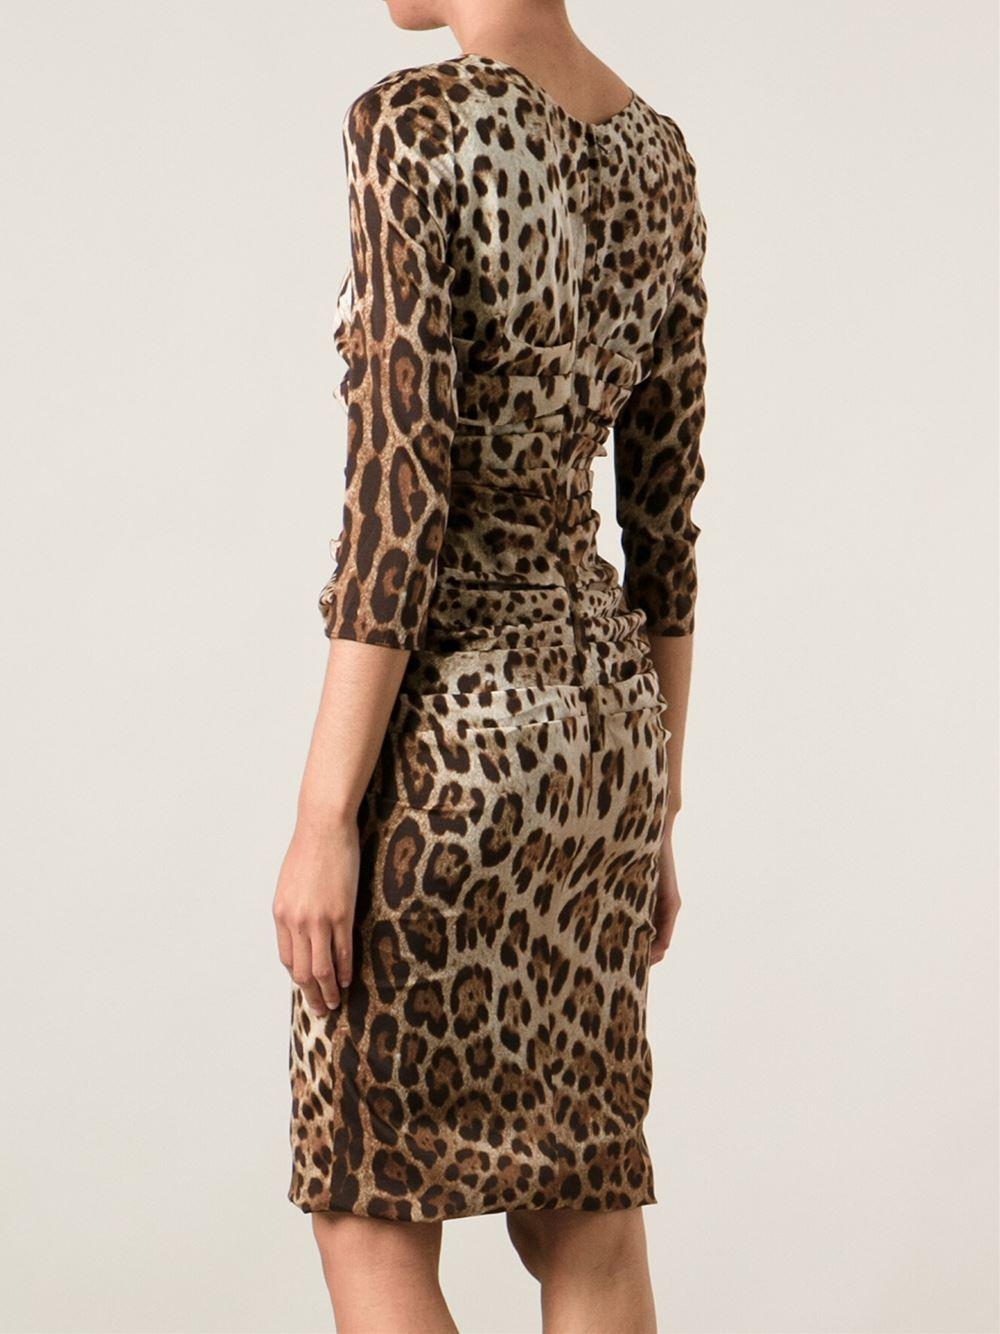 Leopard Shirt For Women